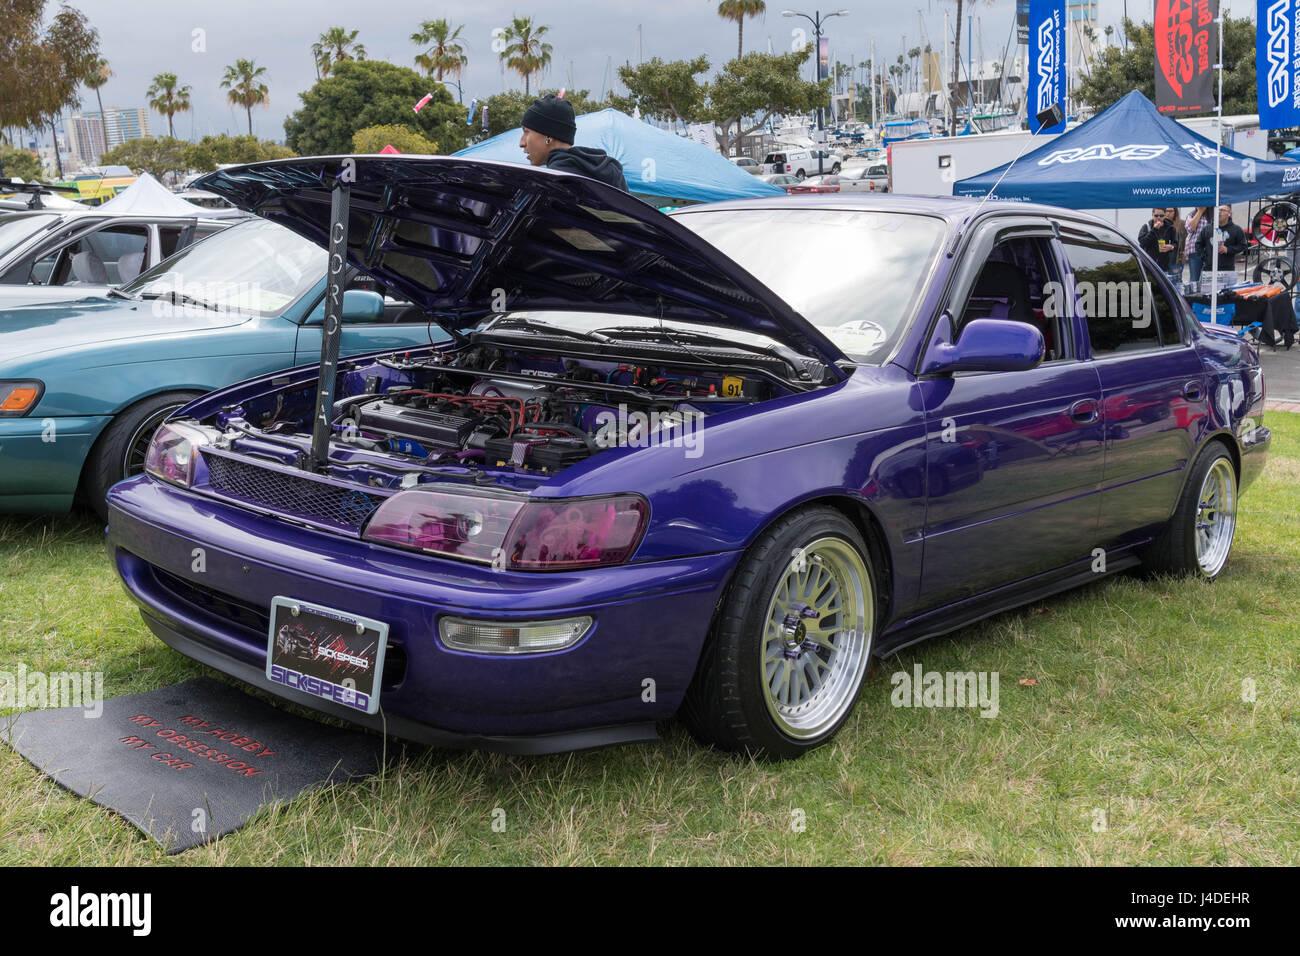 Kelebihan Kekurangan Toyota Corolla 1994 Tangguh